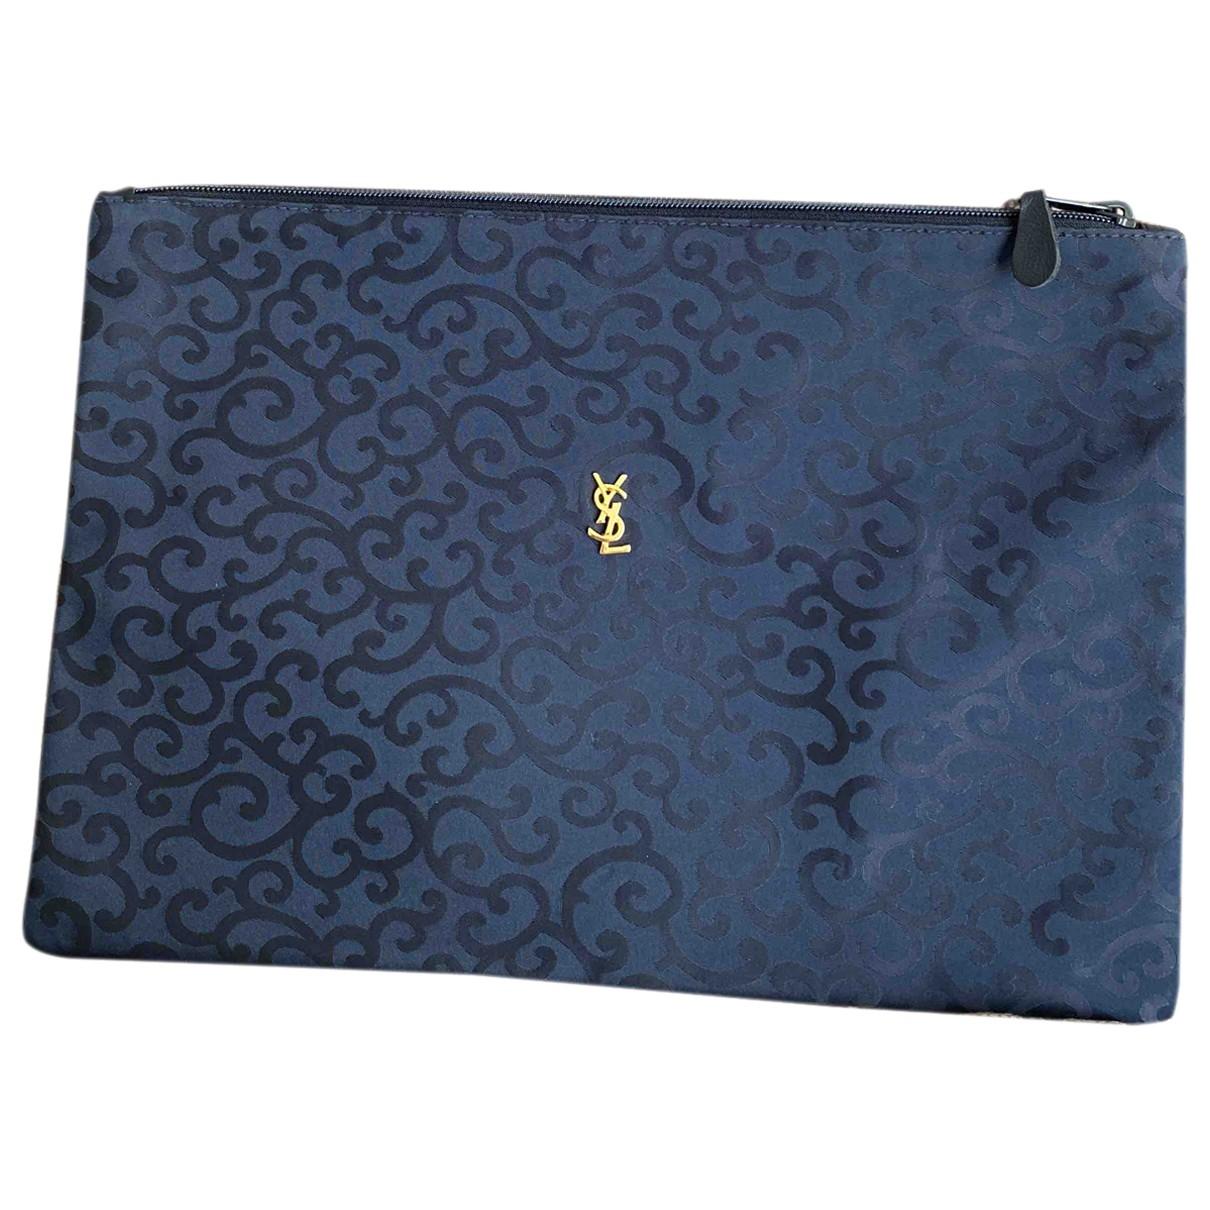 Yves Saint Laurent - Pochette   pour femme en soie - bleu